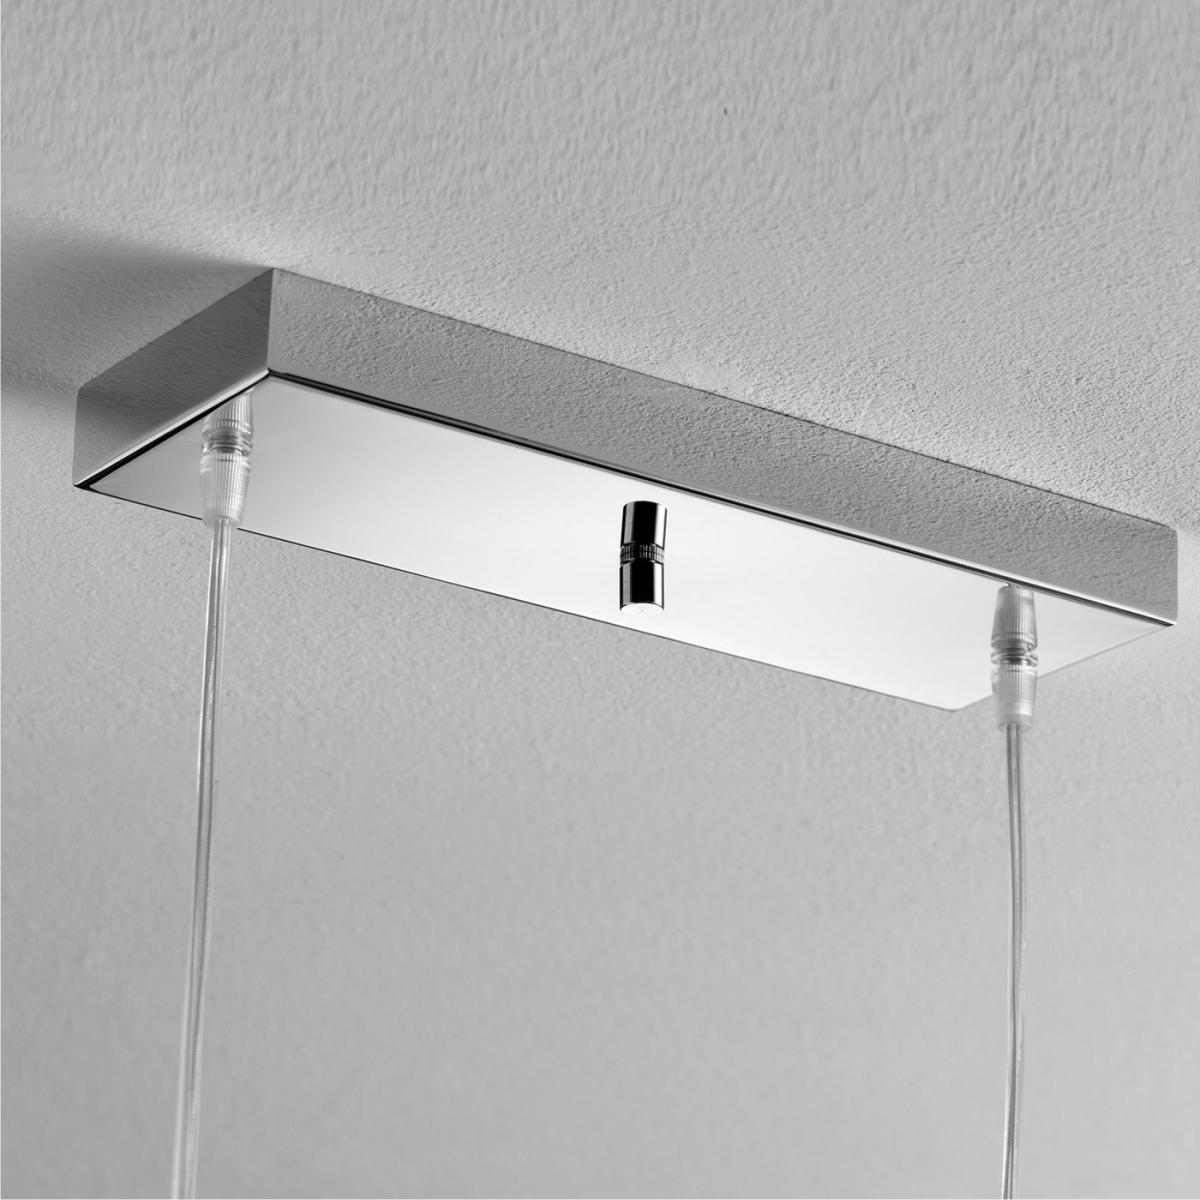 Lampada A Sospensione E27 In Metallo Bulle Rs Cf Lampada A Sospensi Pictures to pin on Pinte -> Lampade A Led Rs